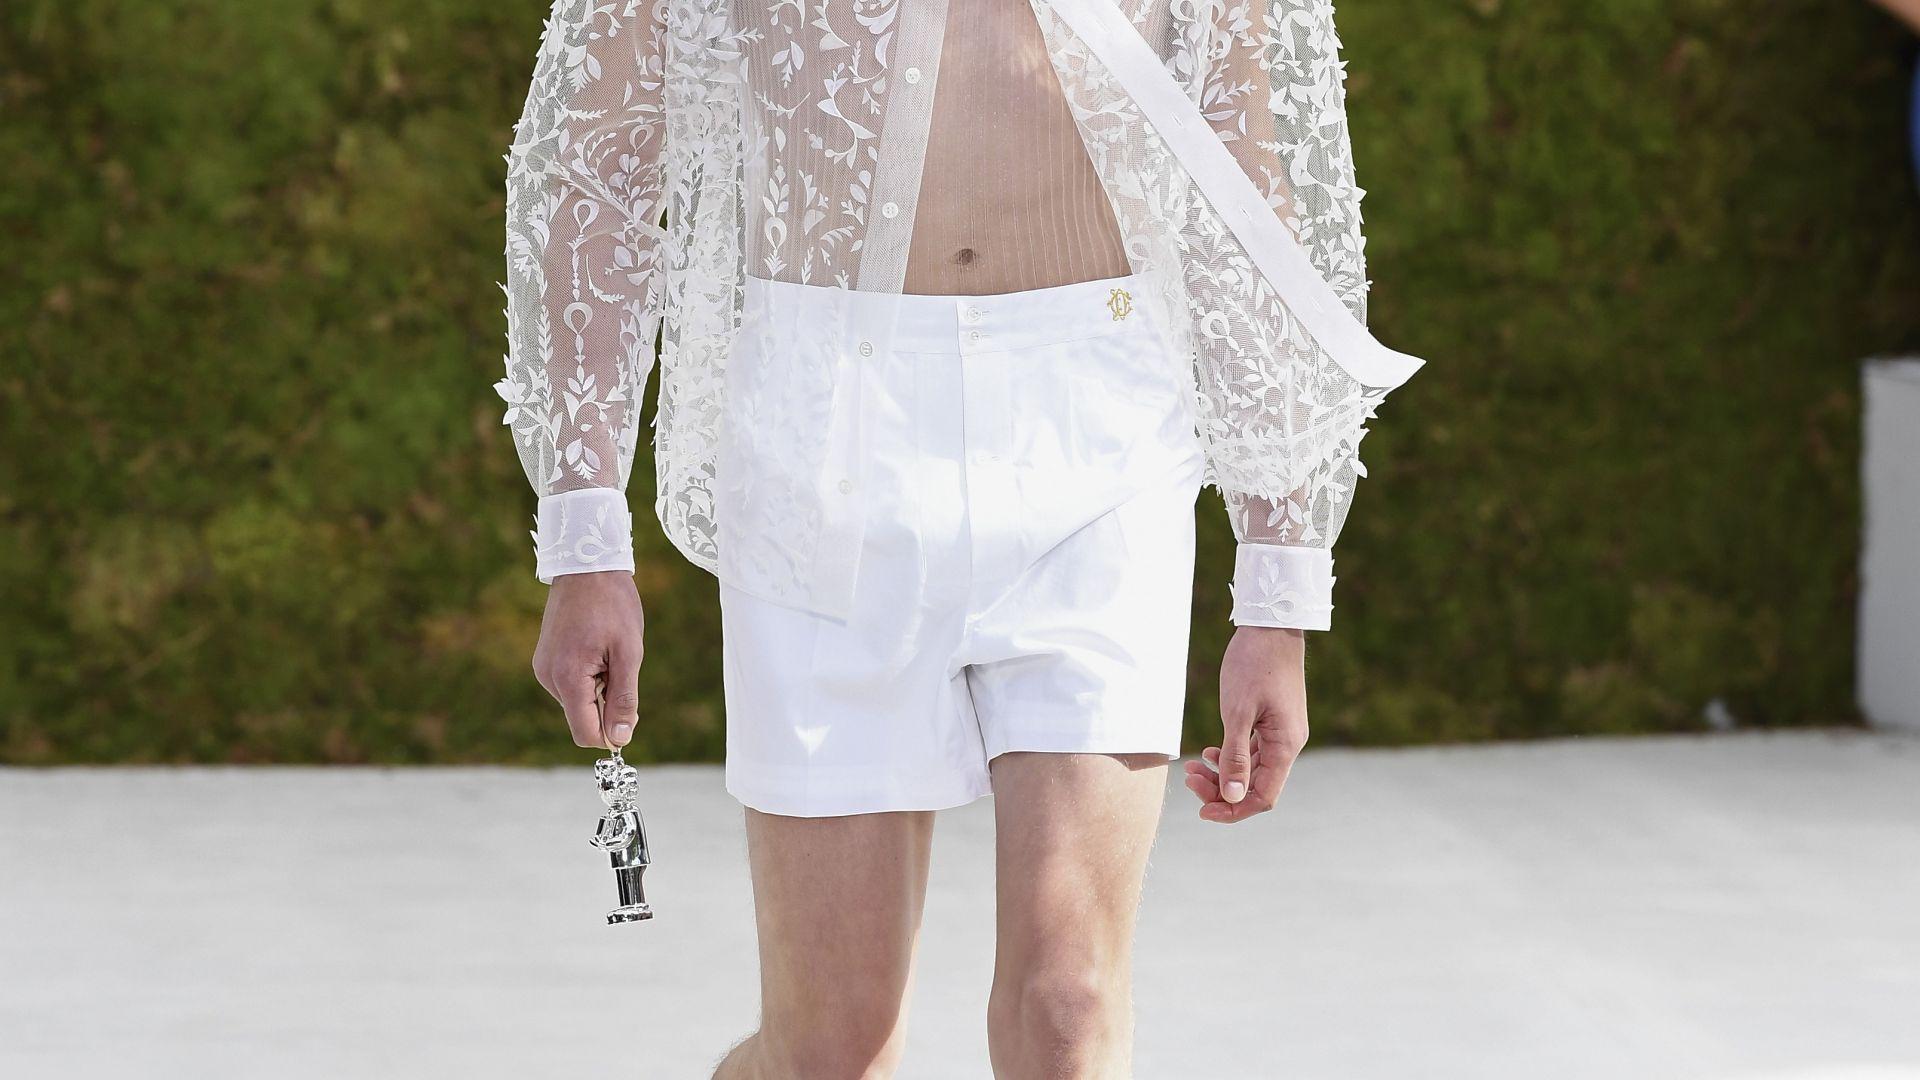 Прозрачна риза на дефилето в Париж